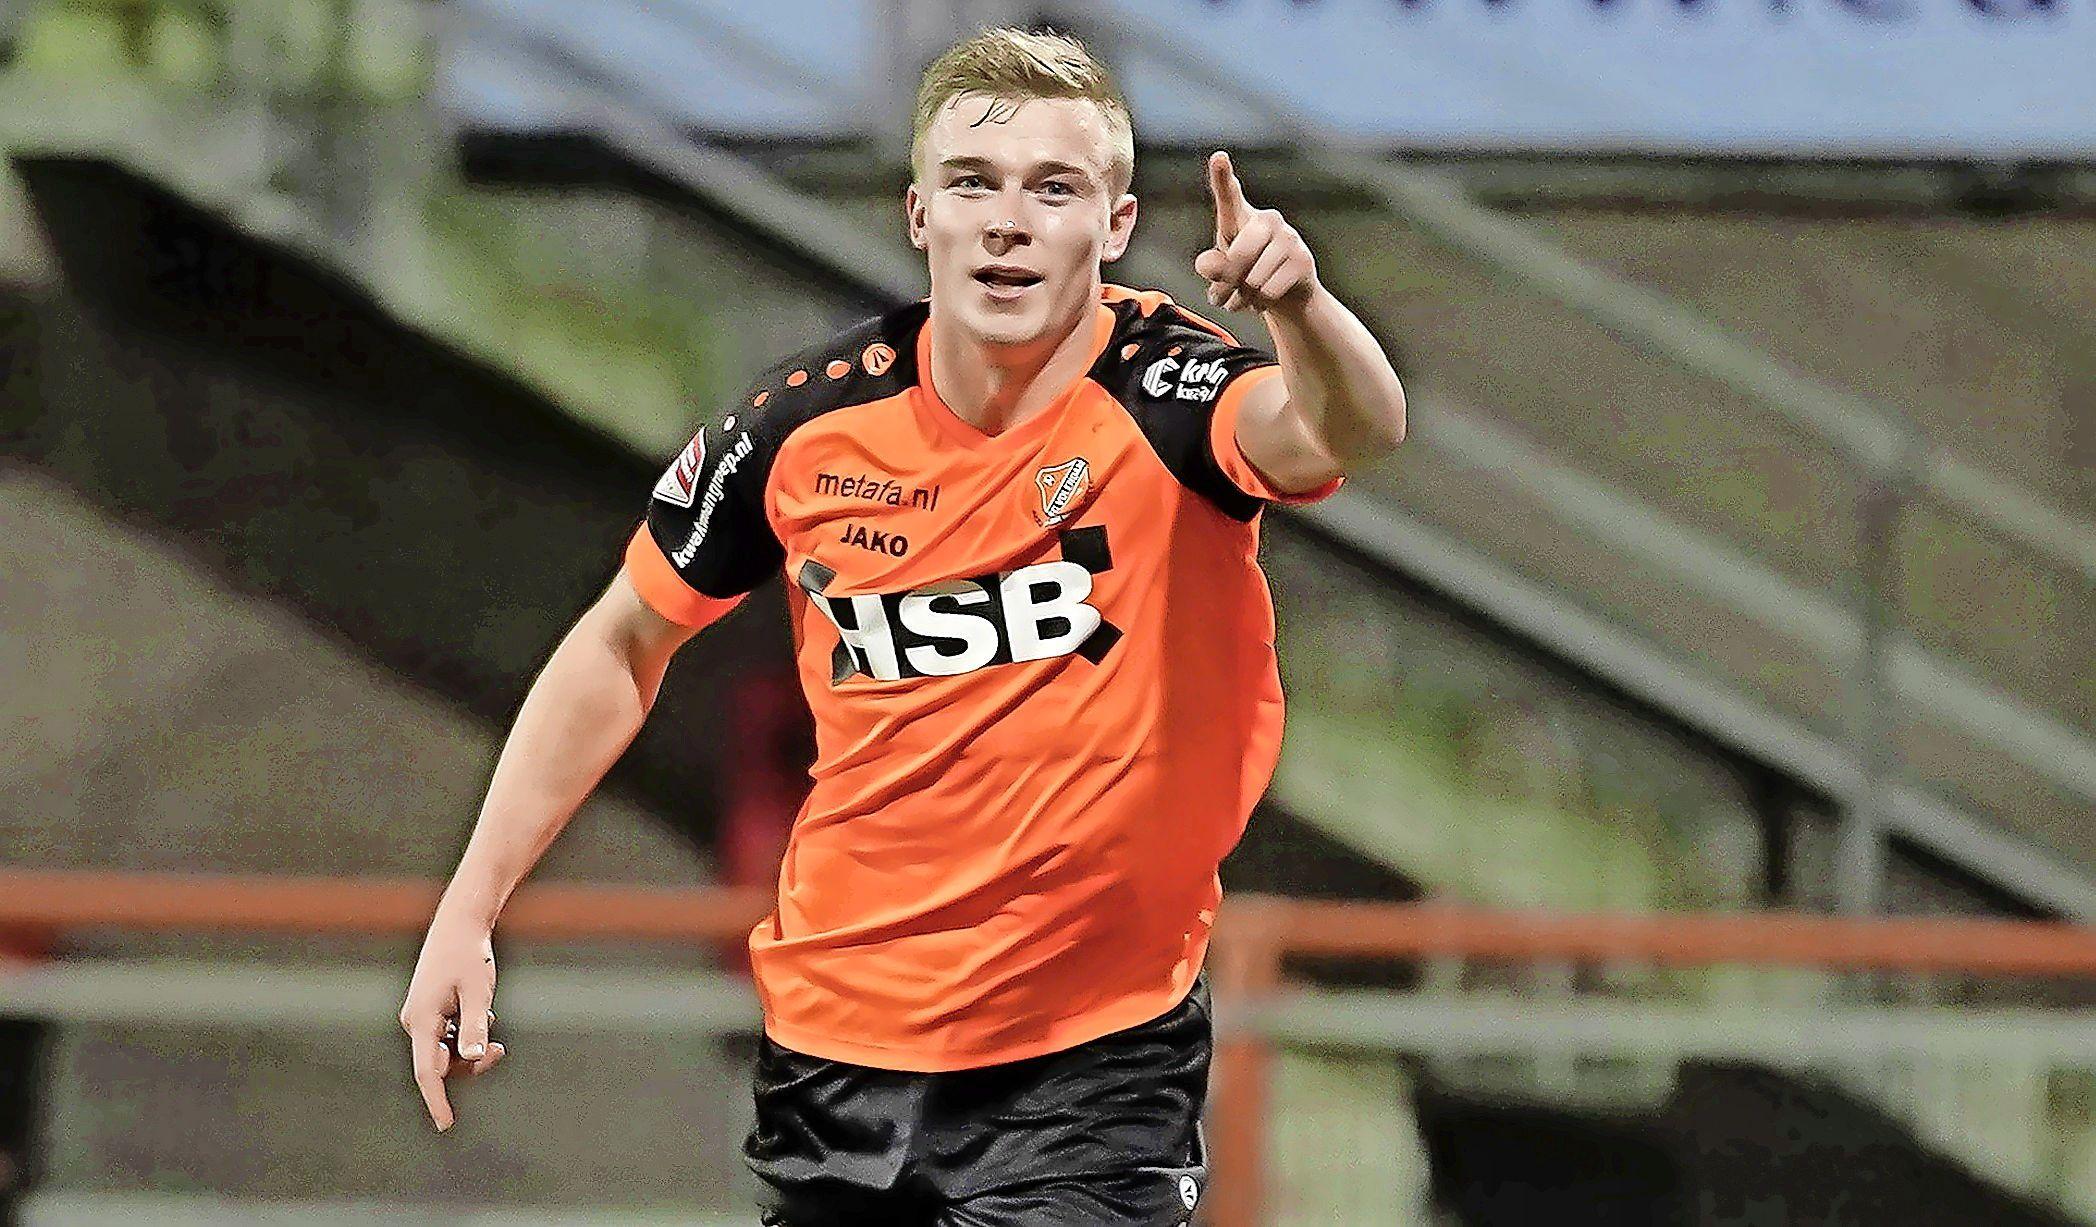 Waar die sterke, lange rushes zijn gebleven? Derry John Murkin - de revelatie van FC Volendam in de eerste seizoenshelft - belooft beterschap tegen Almere City